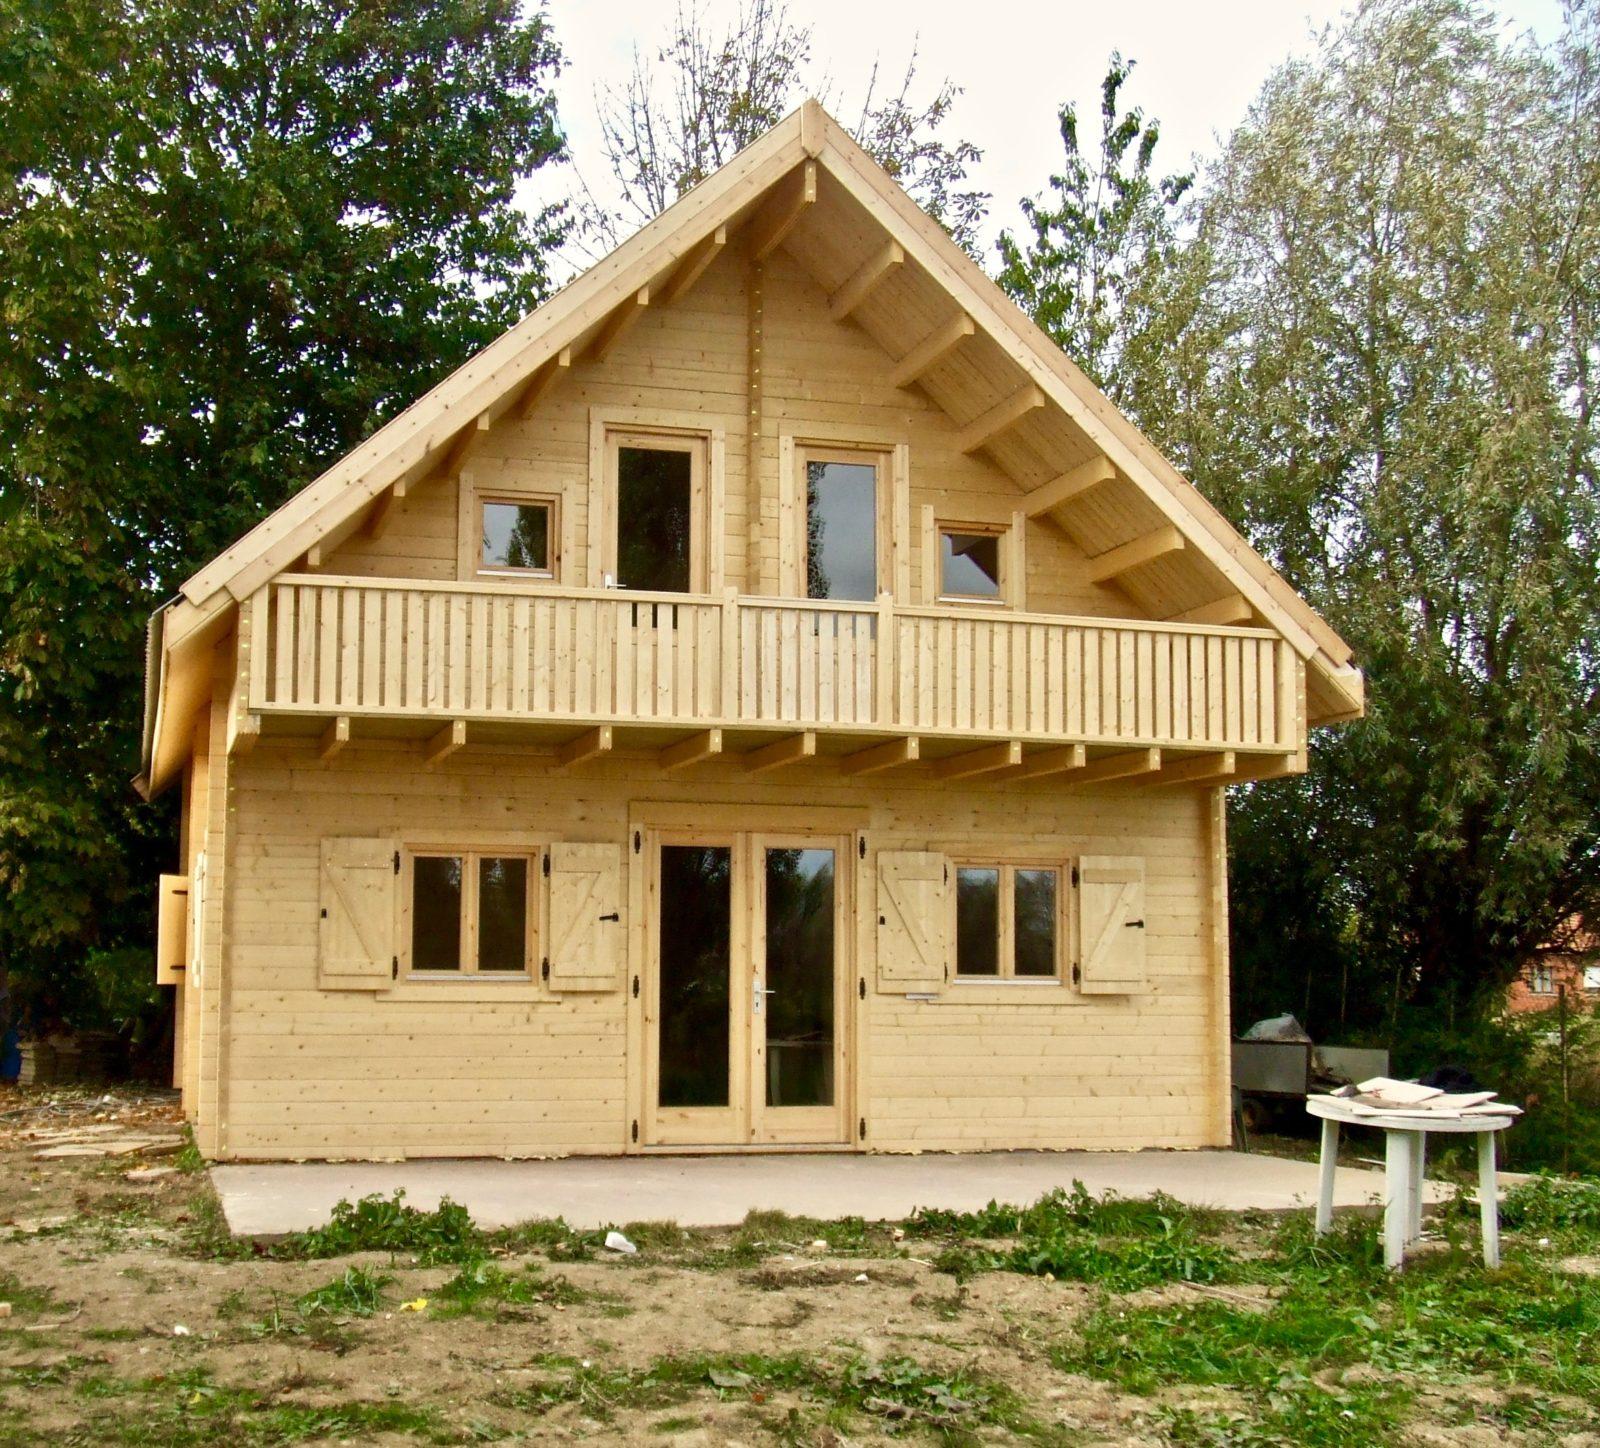 maison en madrier à structure symetrique 1